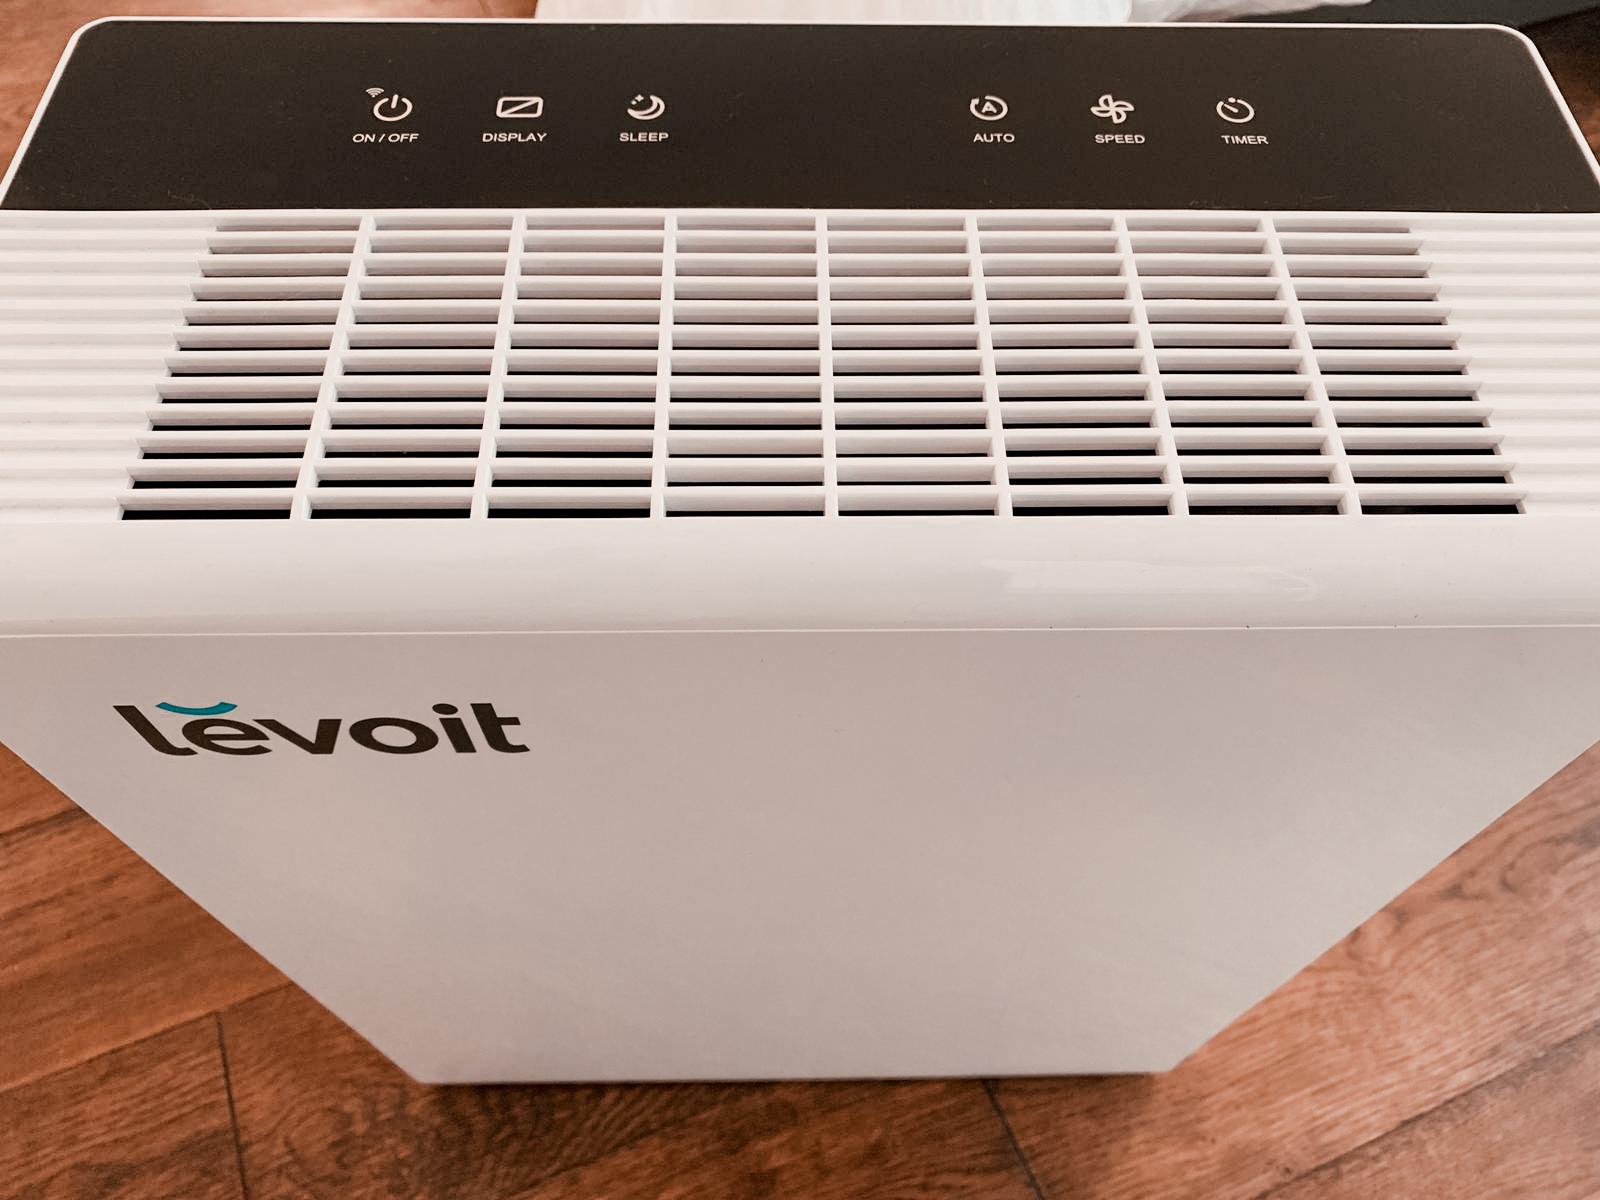 Levoit Smart Wifi Air Purifier.jpeg